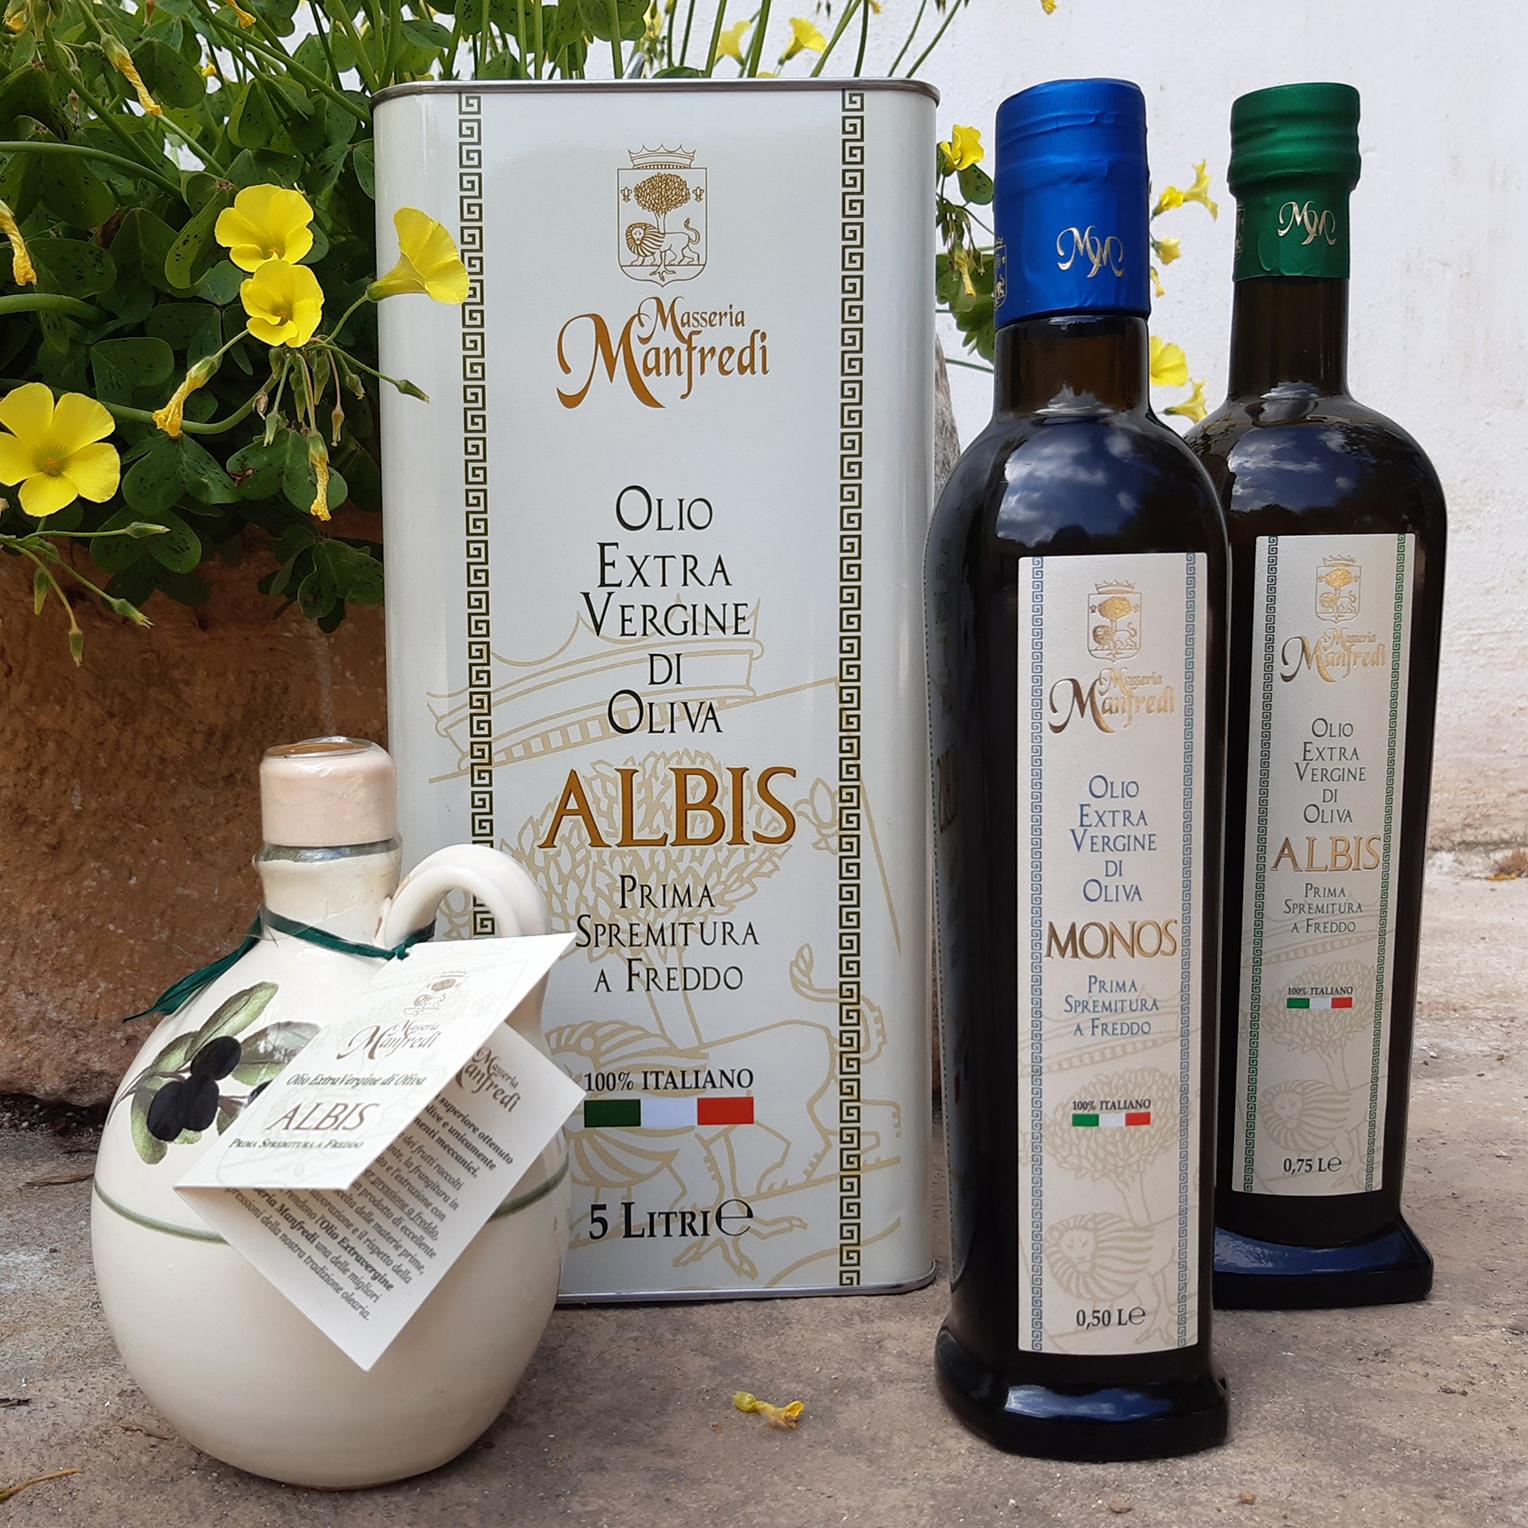 Gruppo Olio_albis-monos